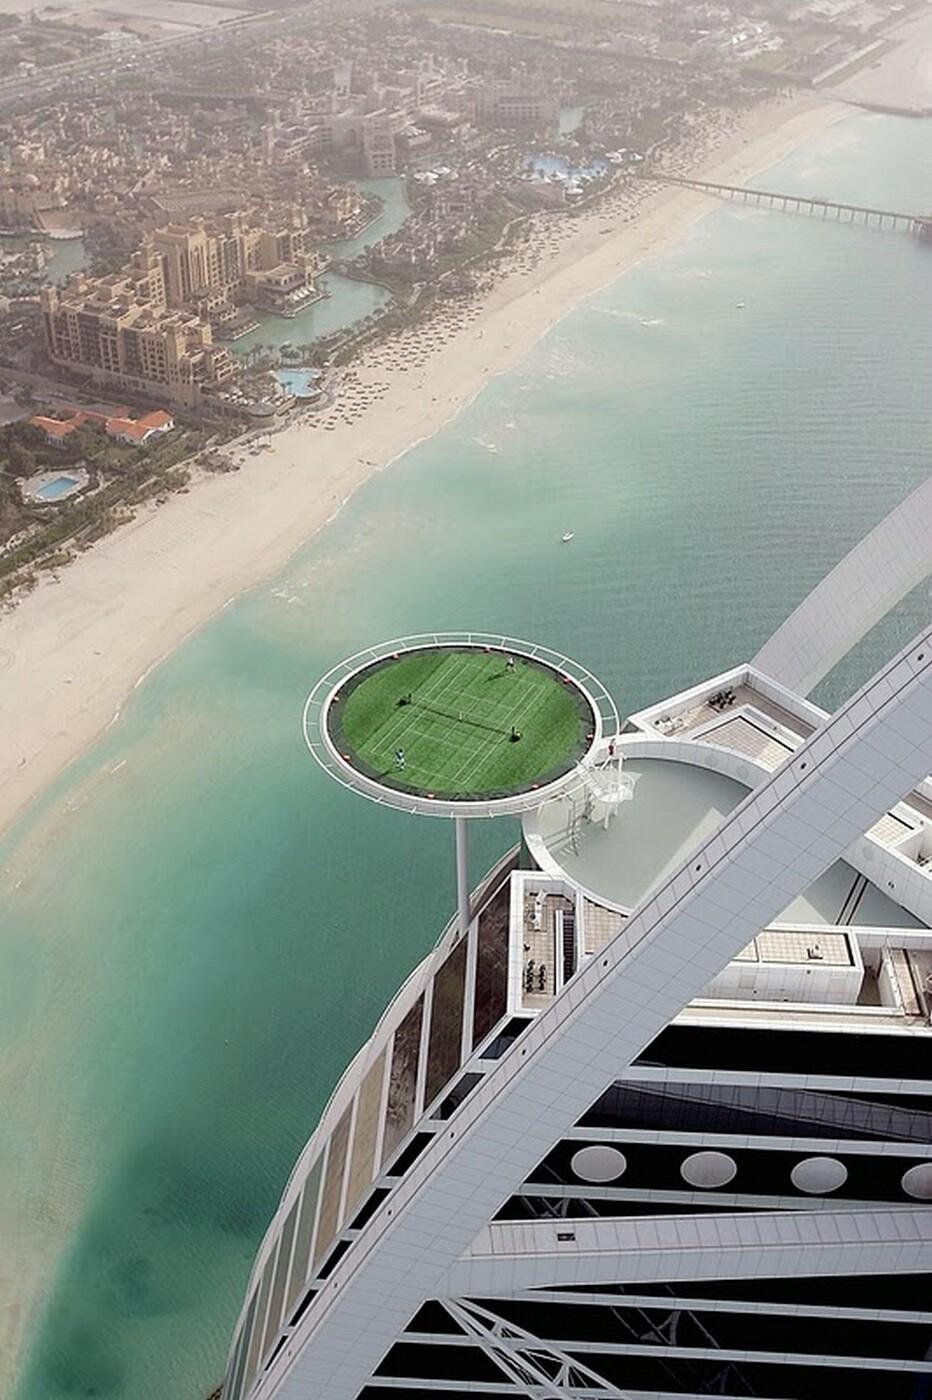 World S Highest Tennis Court At Burj Al Arab Bonjourlife